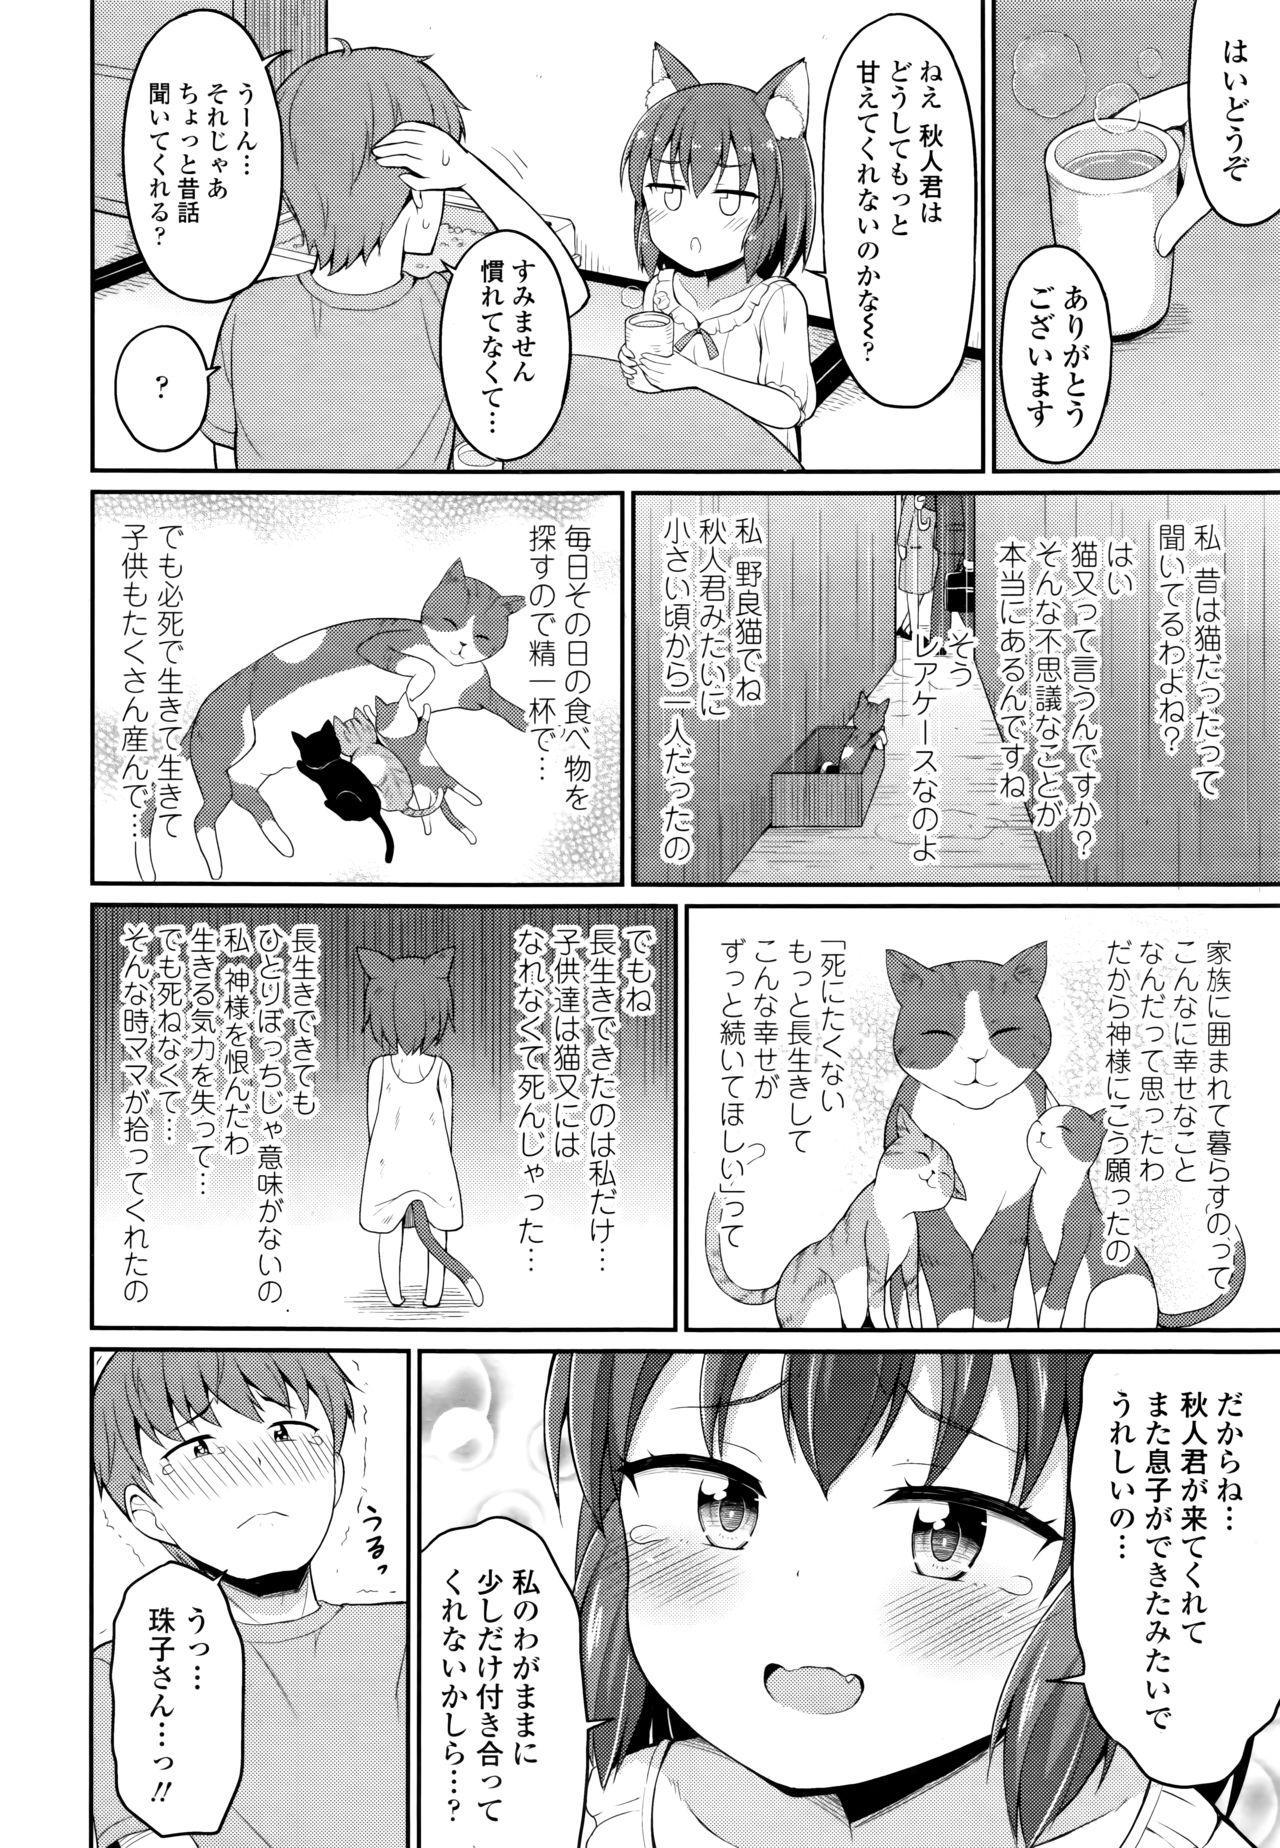 Towako 6 297